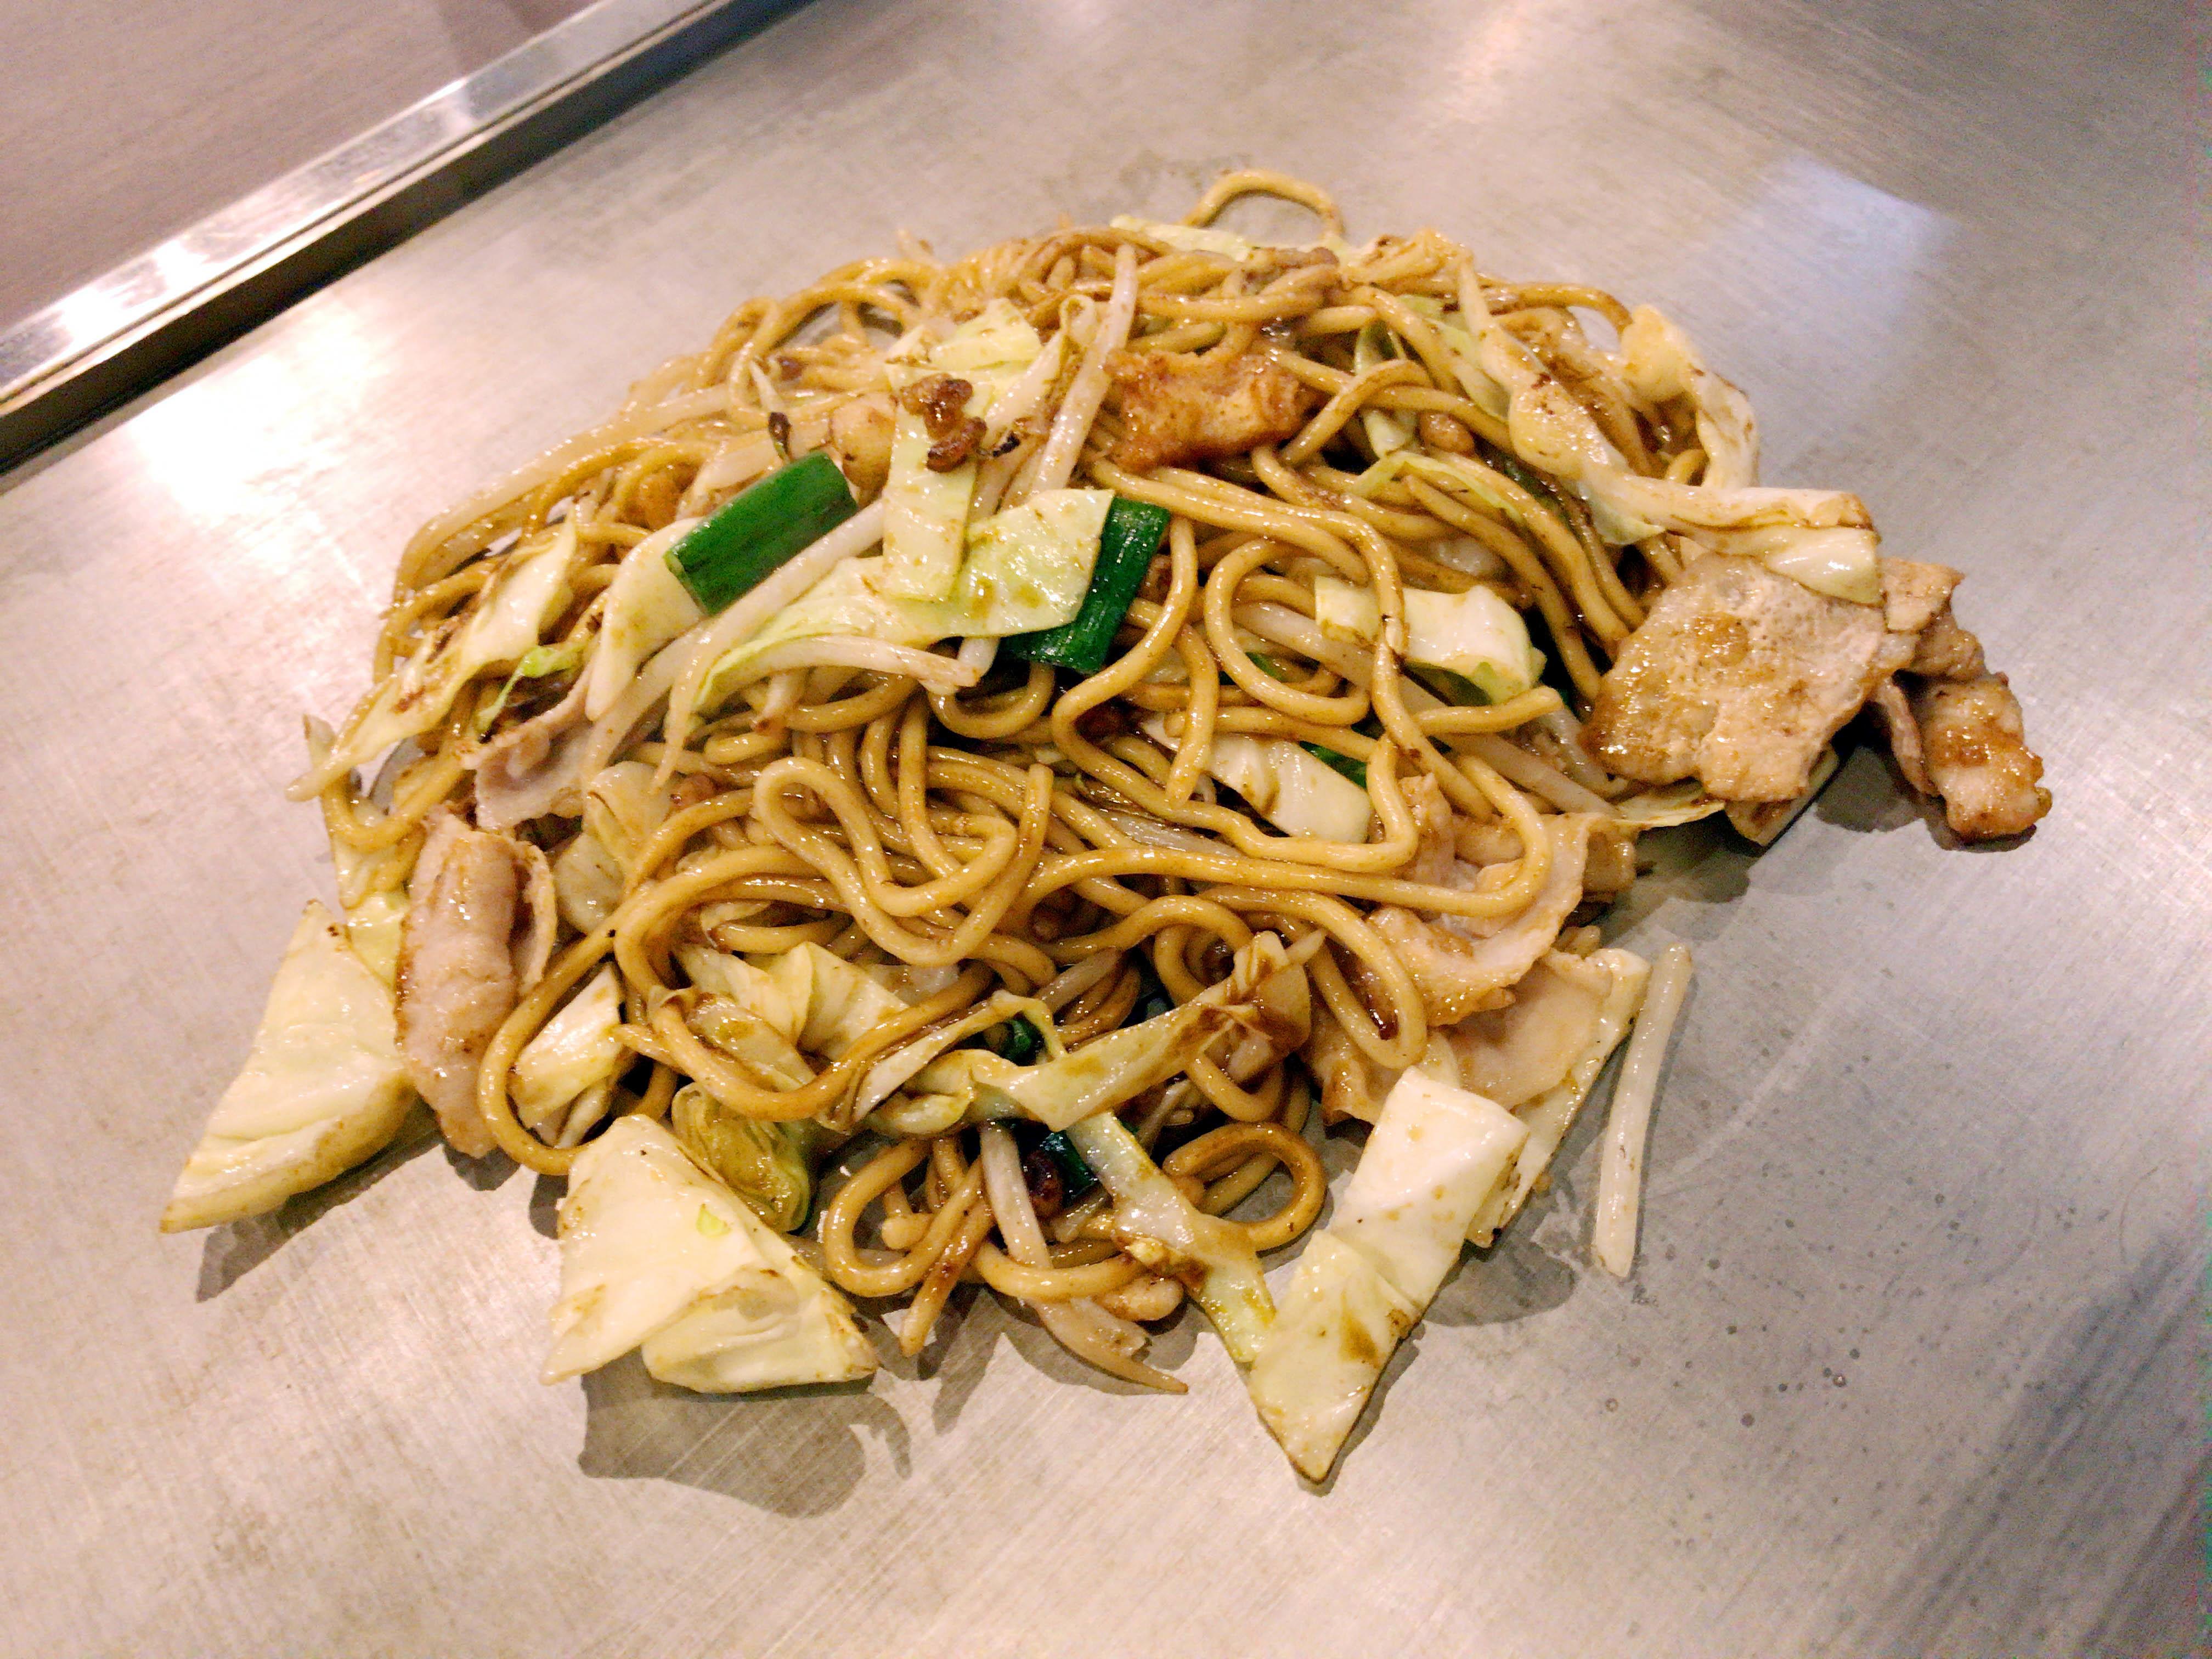 讃岐うどん風特製麺焼きそば 770円